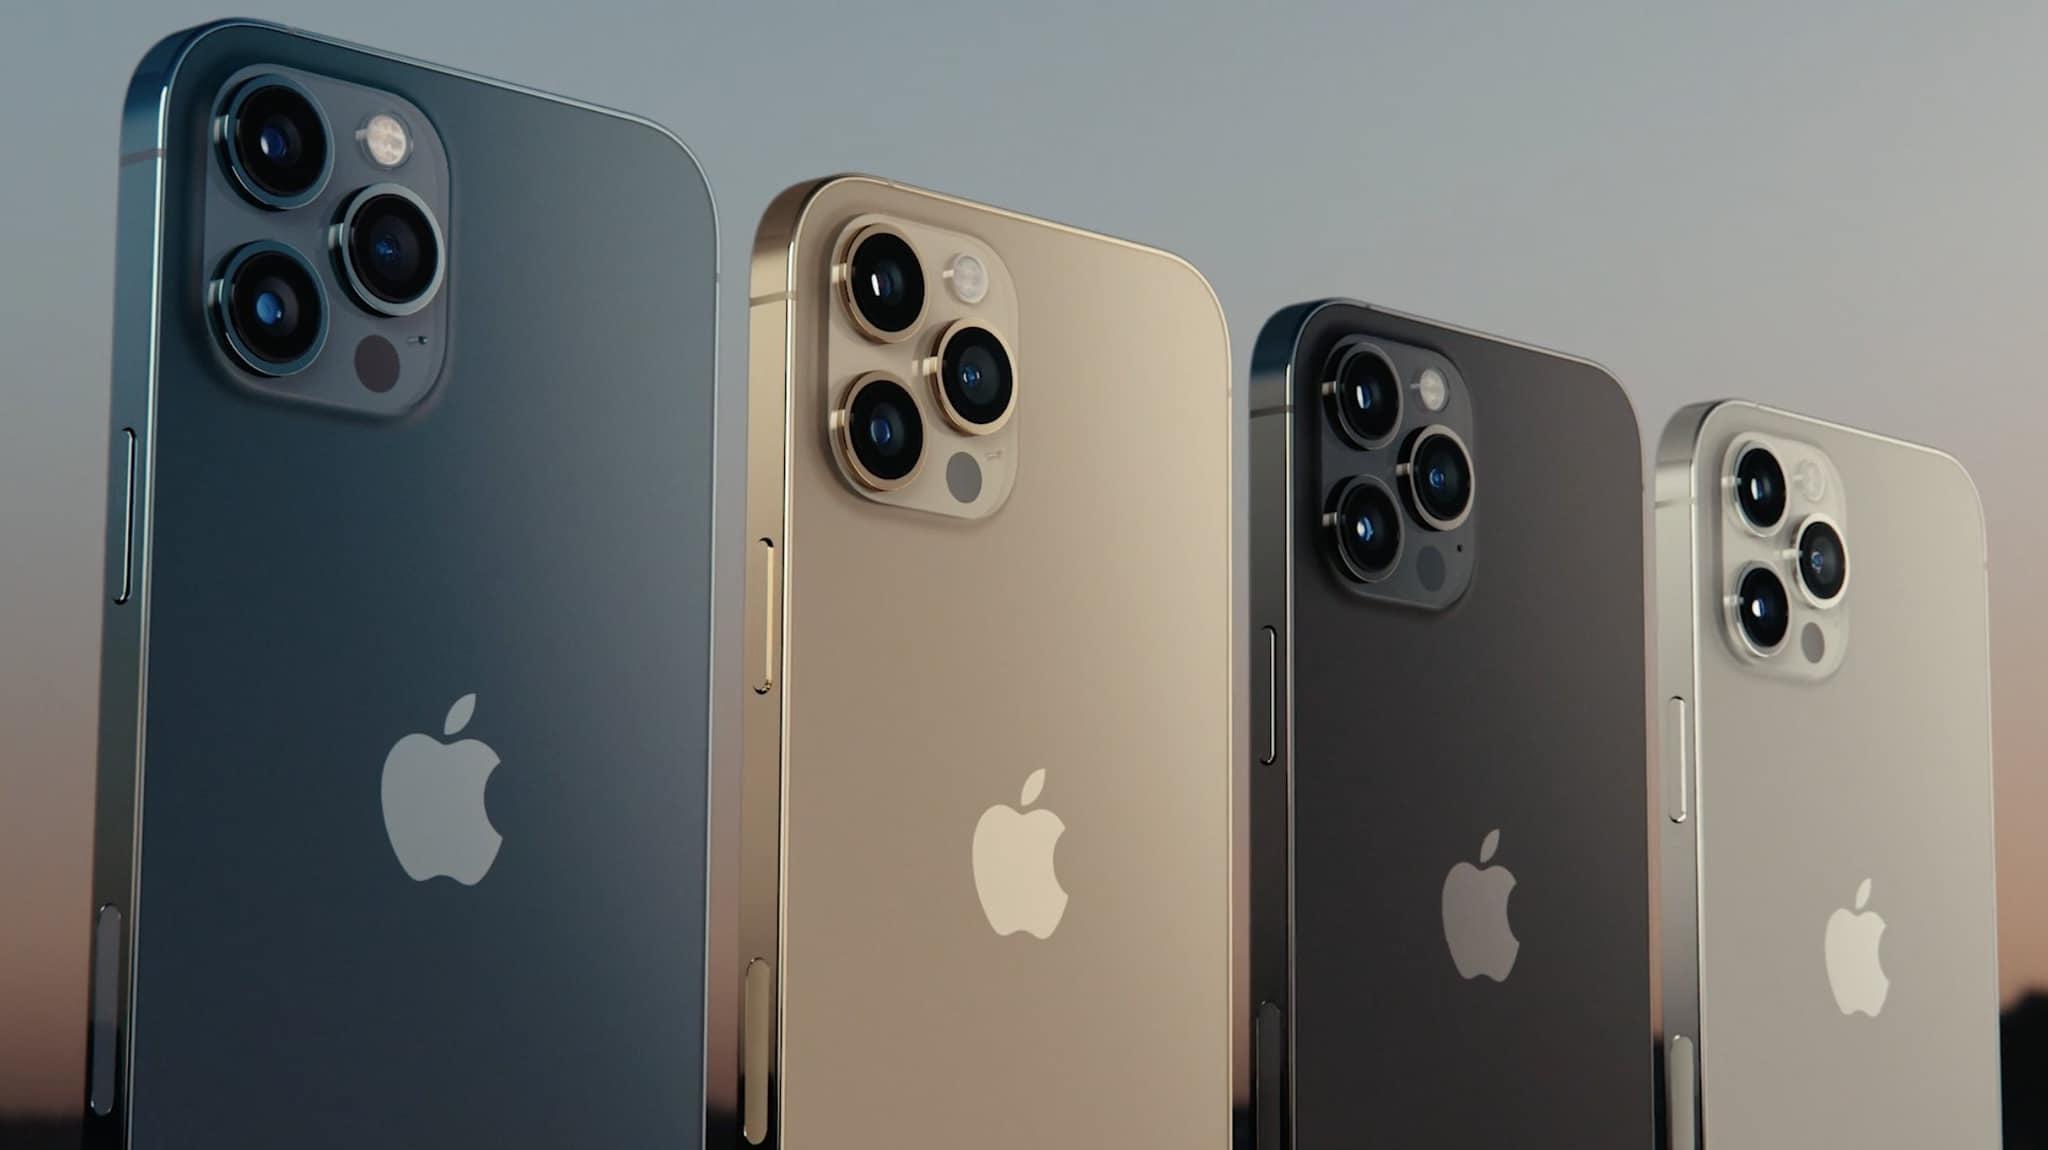 iPhone 12 Pro - thiết bị công nghệ đáng mua nhất hiện nay 3